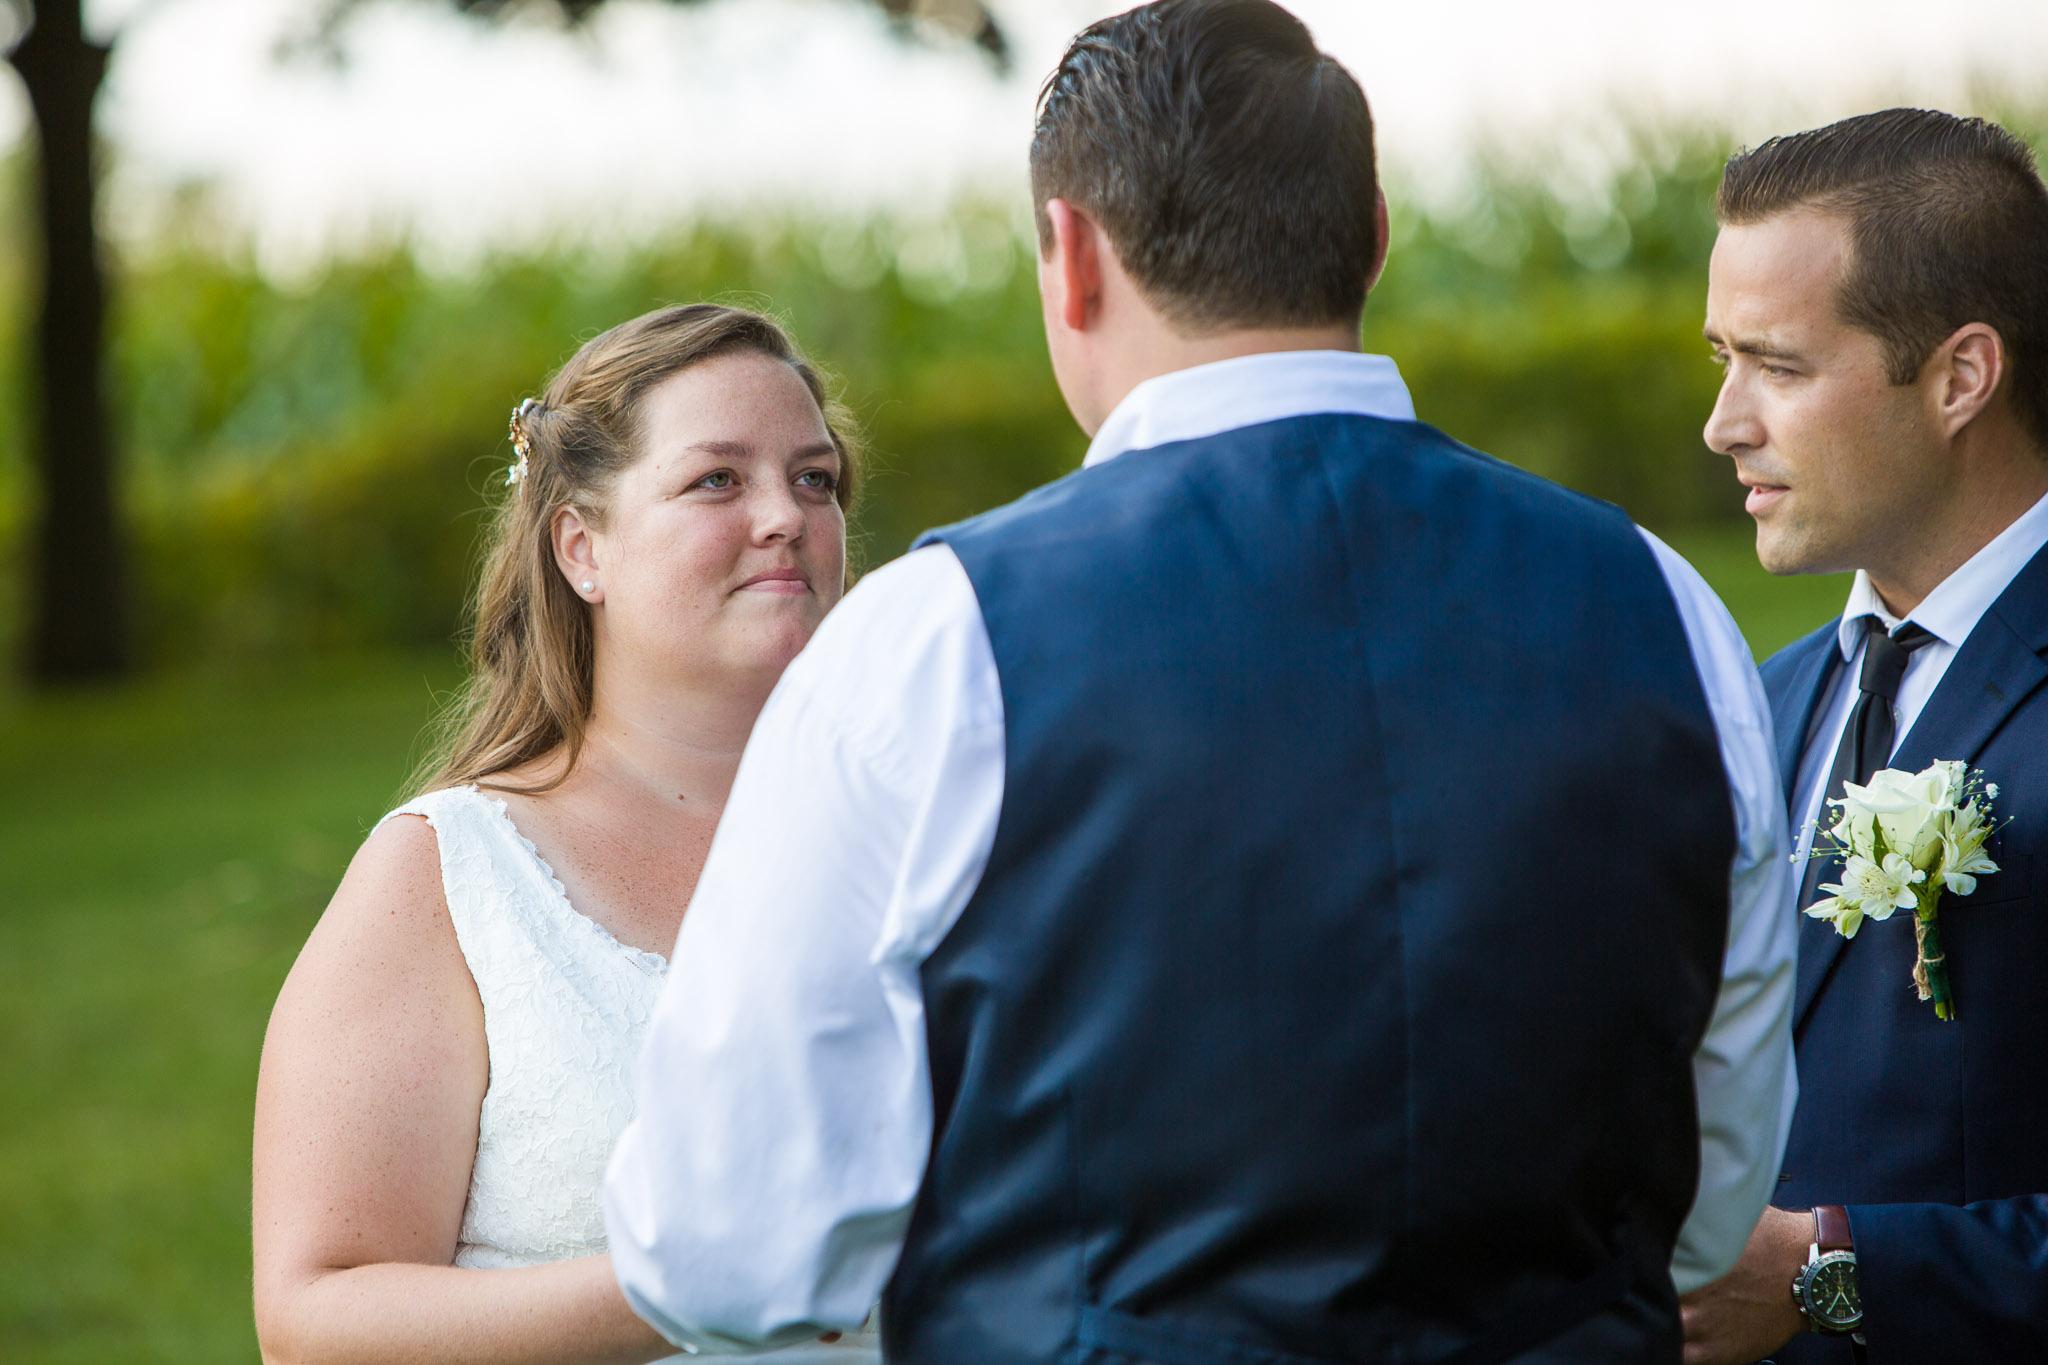 katy-aleks-wedding-shayne-gray-9417.jpg